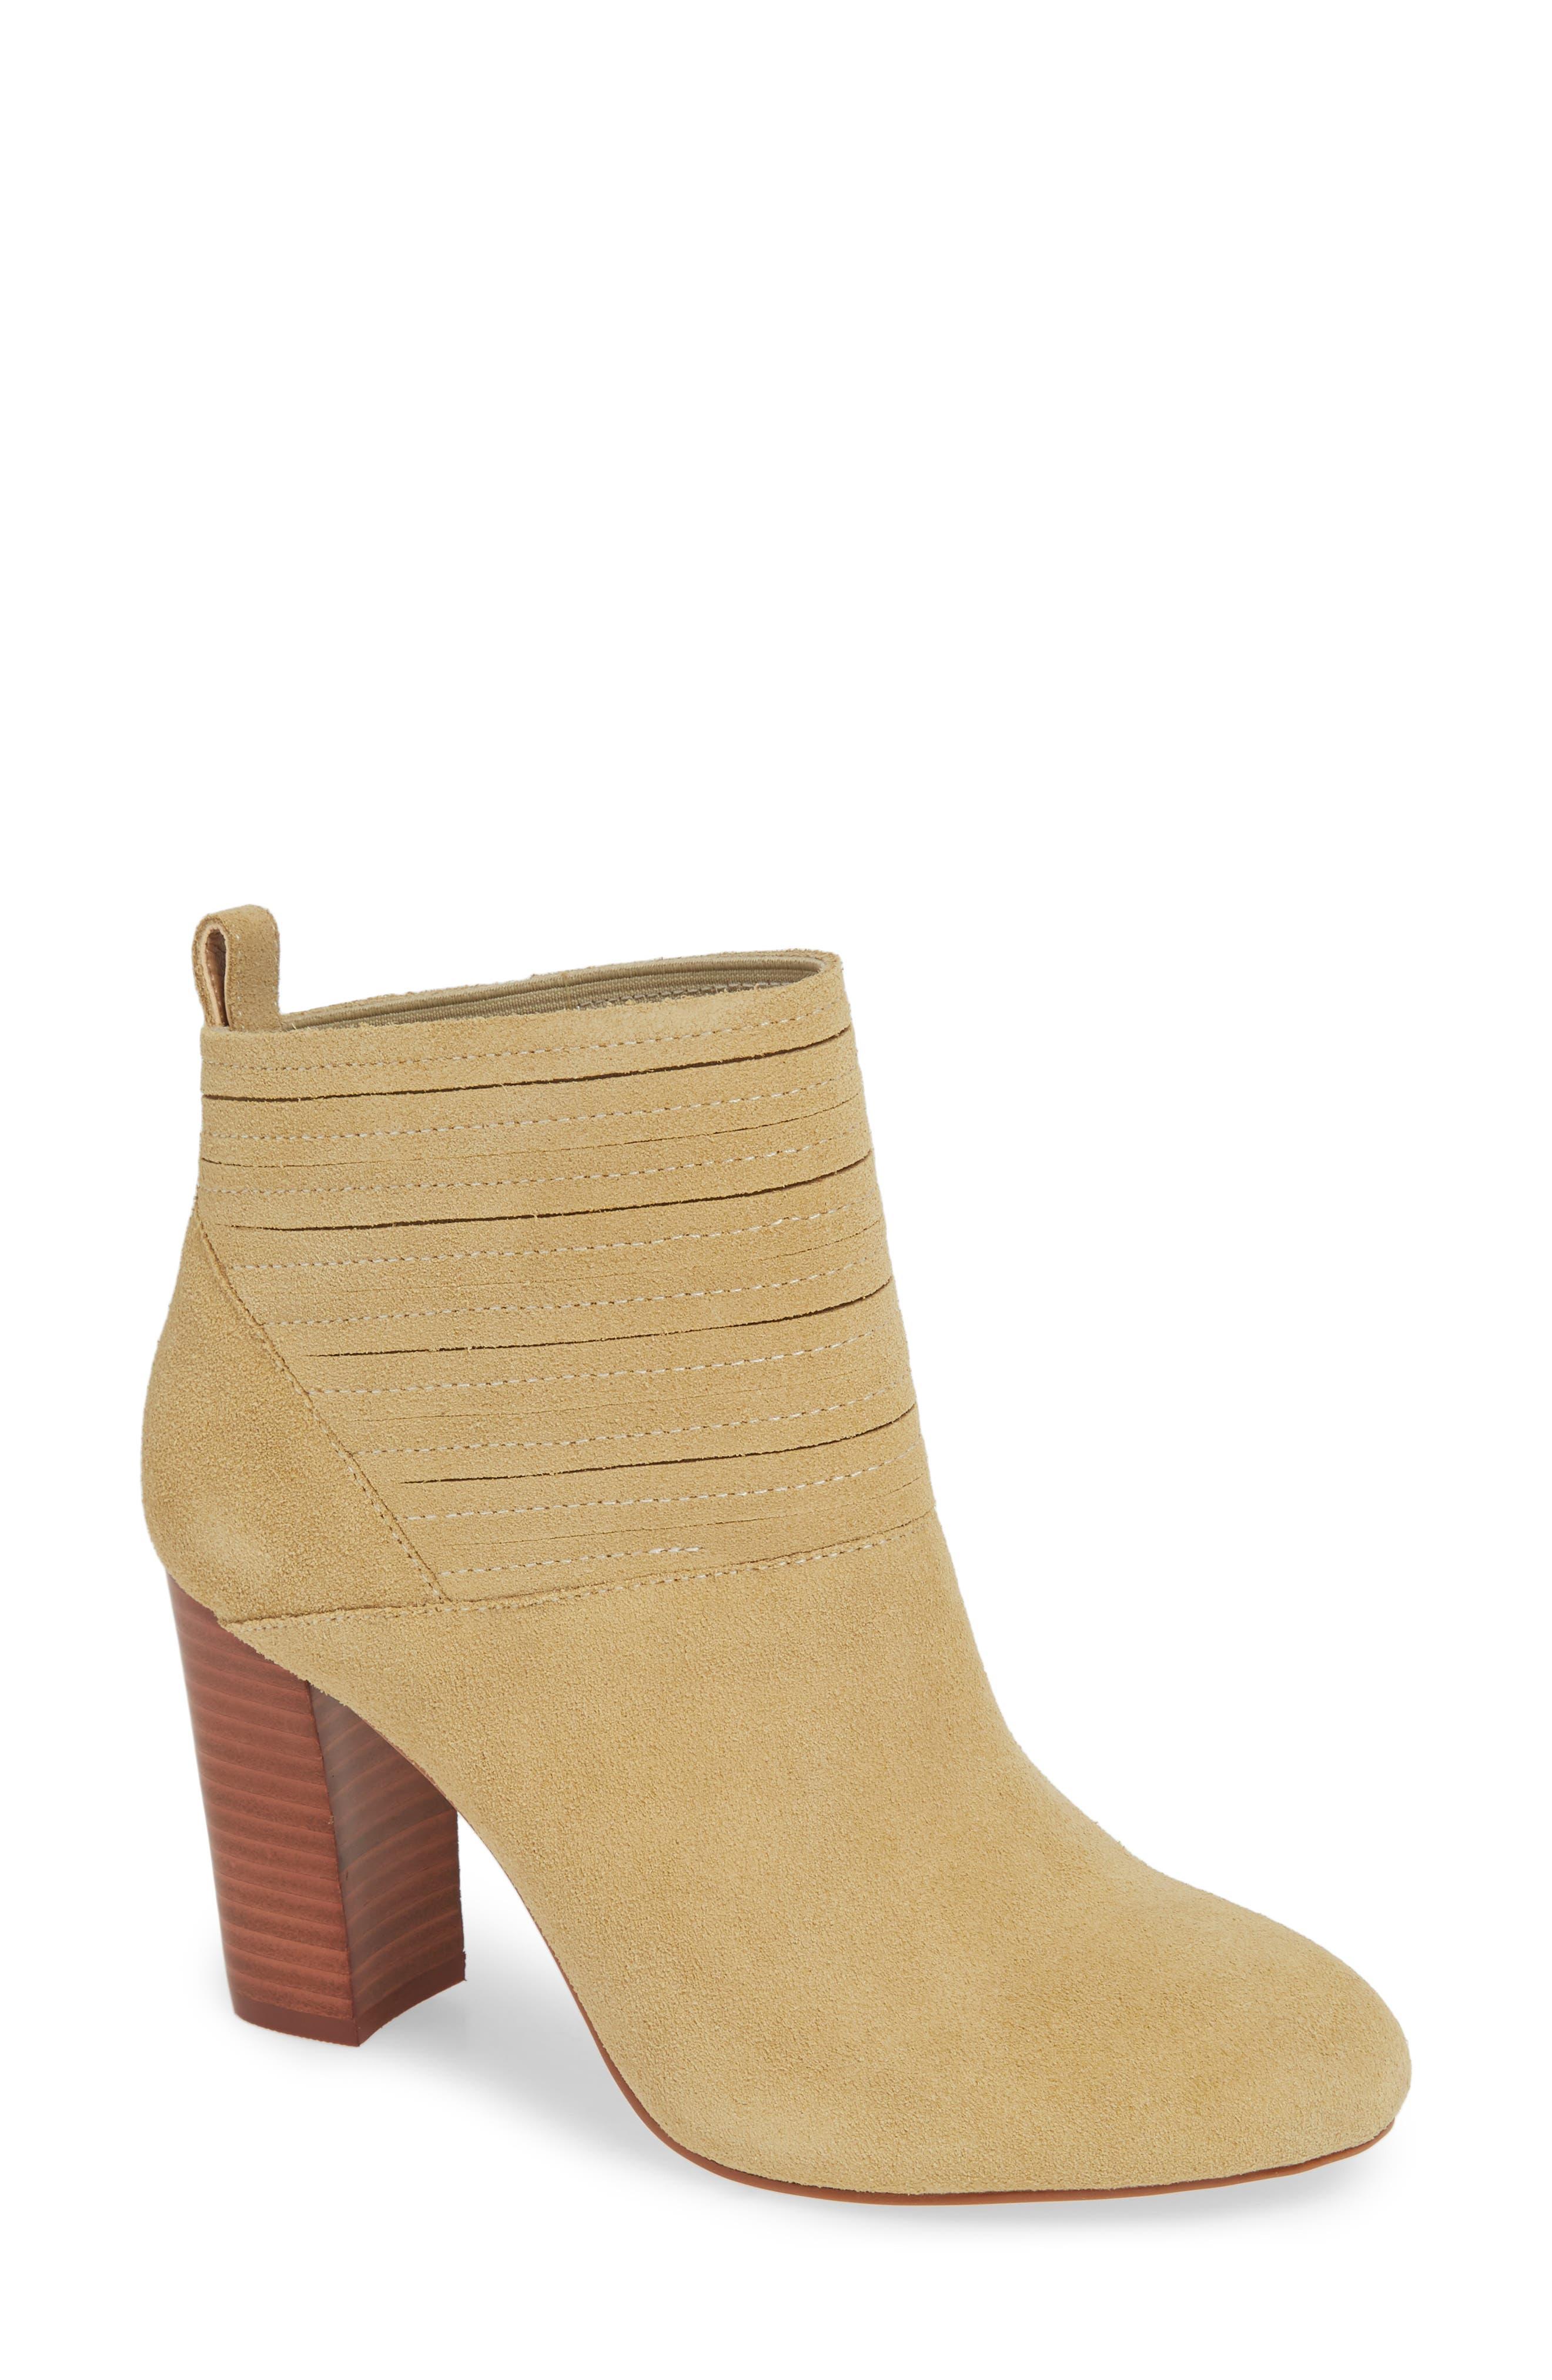 M4D3 Salama Block Heel Bootie